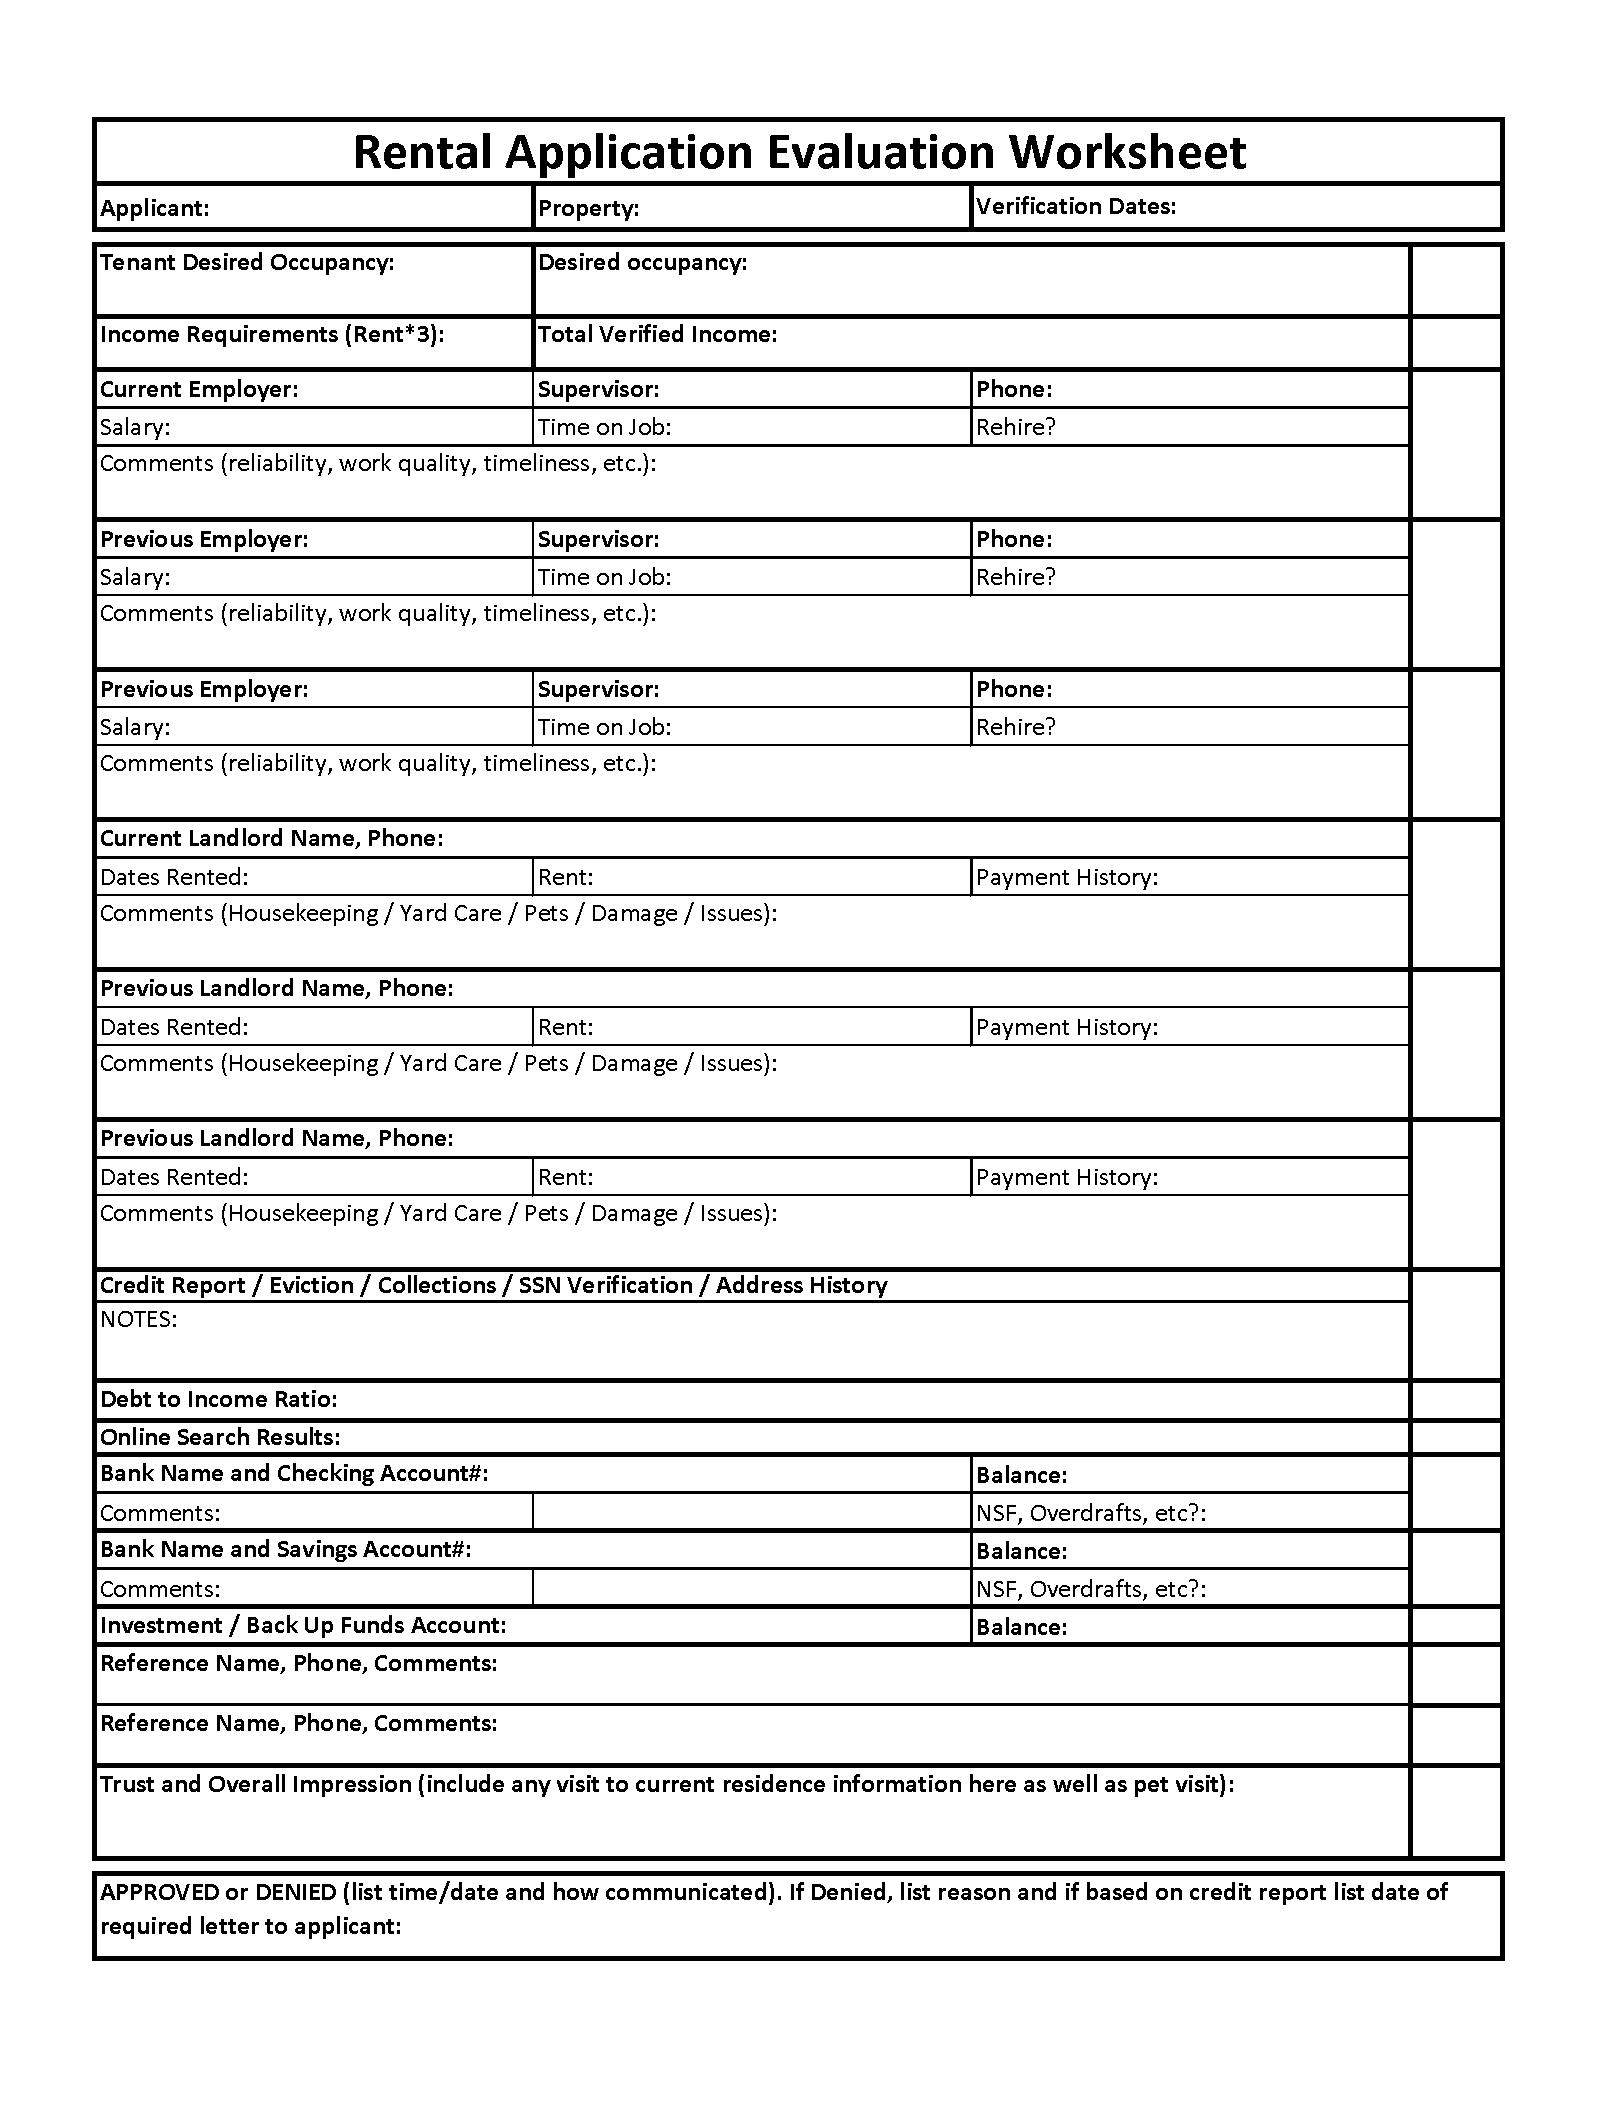 Rental Application Evaluation Worksheet